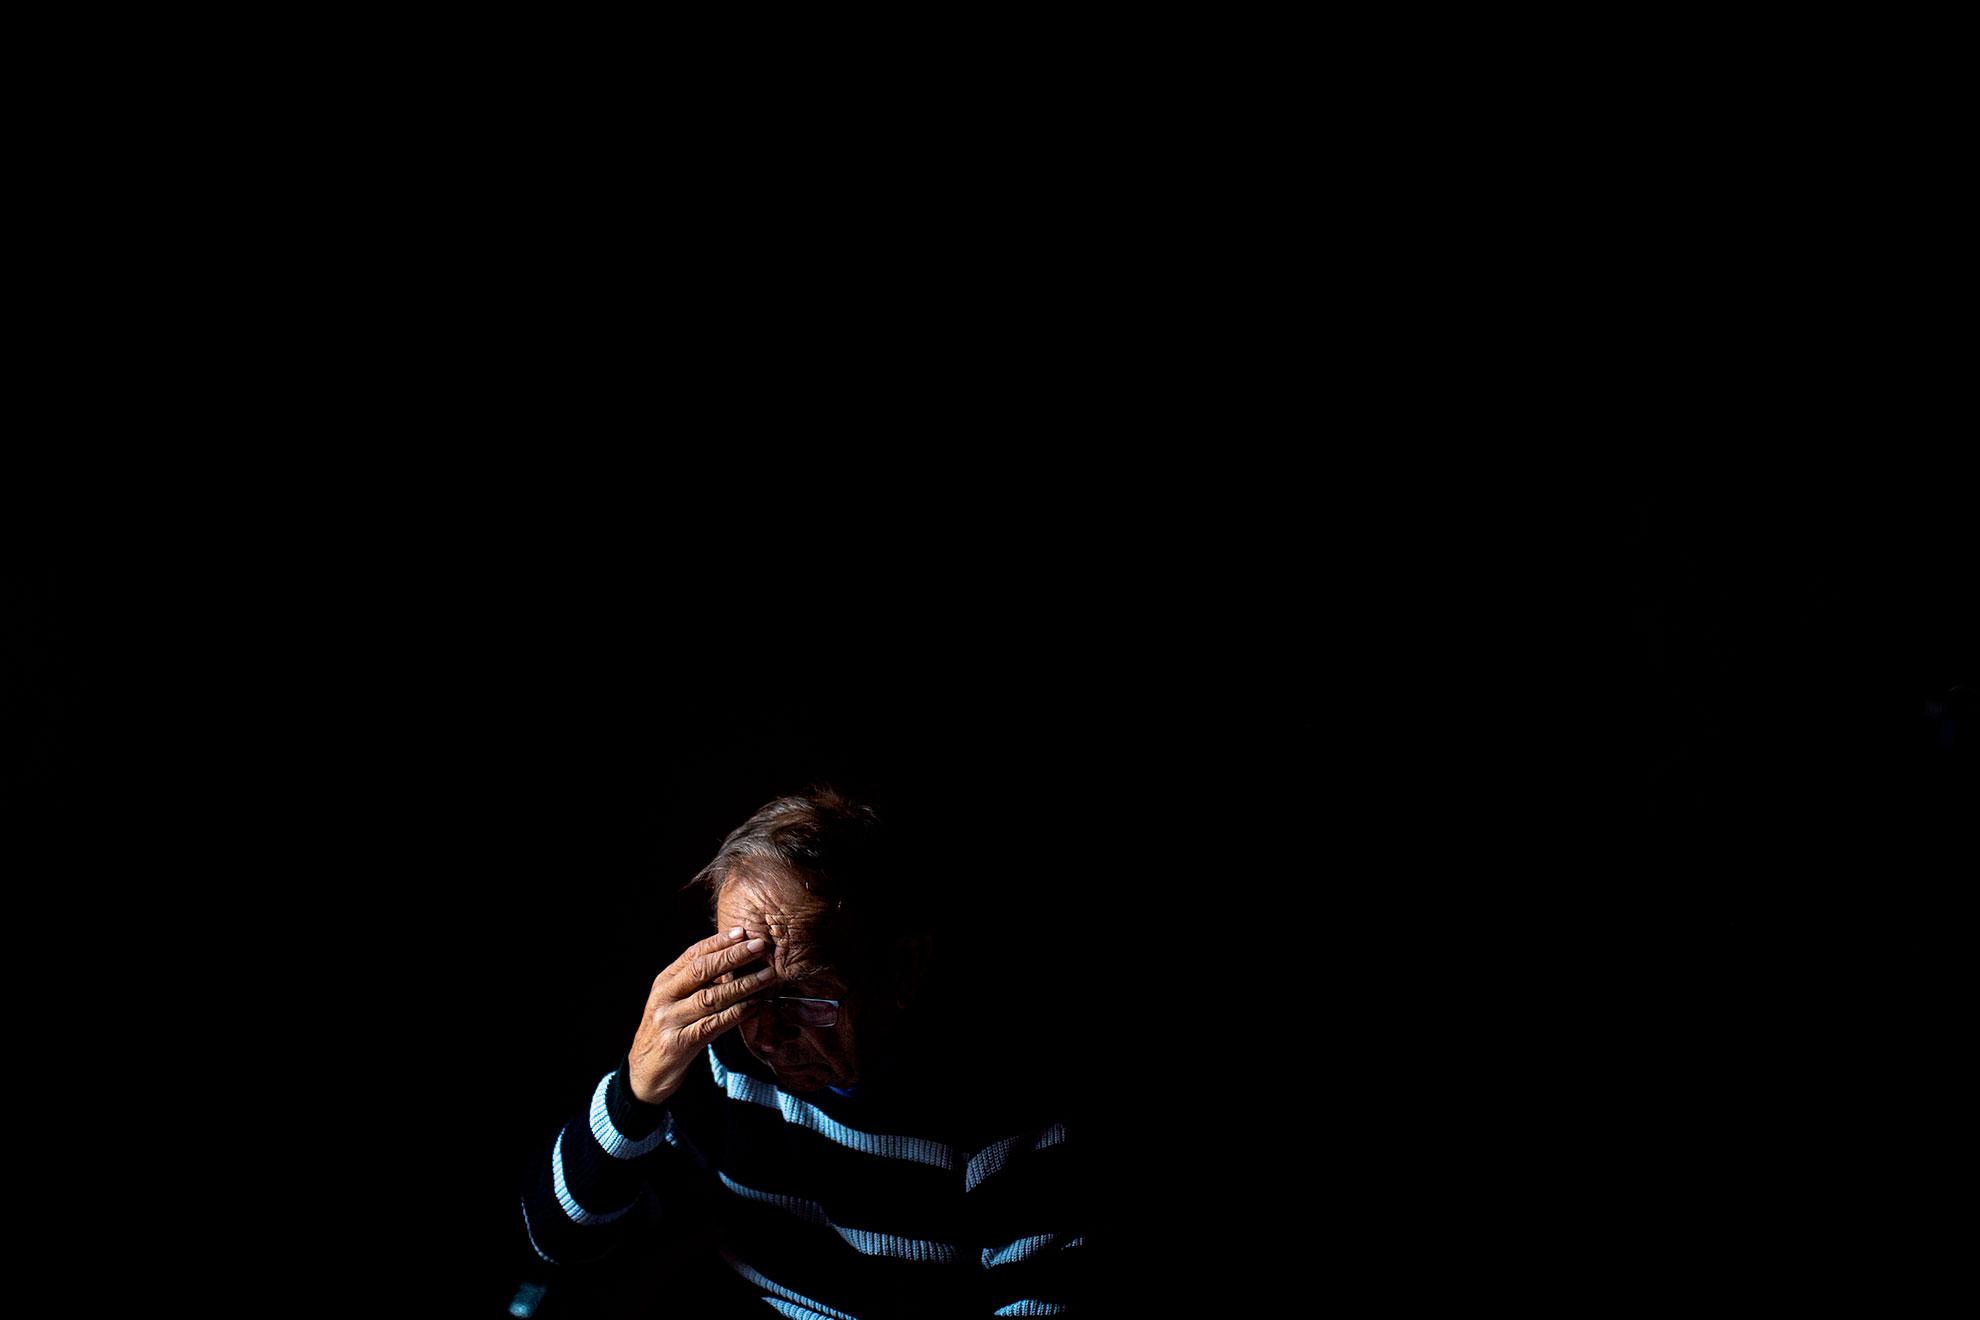 Sevilla José, de 84 años, arrastra una fractura de cadera desde hace aproximadamente en mes. Mañana tenía cita para ir al Hospital en Sevilla y revisar el estado de su cadera maltrecha, pero hace ya un par de semanas que avisaron desde el hospital que esa cita se posponía sin fecha hasta nuevo aviso. Casi todas las consultas médicas del país se han cancelado por la emergencia sanitaria. Al aislamiento provocado por el coronavirus se une además la incertidumbre de la evolución de su fractura. Hay días que el dolor es fuerte y José pide un paracetamol para calmar el malestar y apenas puede dar un par de pasos seguidos. Sus hijos dudan que hacer: ¿Aguantamos como sea aunque pierda la movilidad o lo llevamos al hospital y le exponemos a un contagio de COVID19? No hay certezas de lo que será la mejor elección, pero sus hijos eligen aguantar sin ir al hospital.